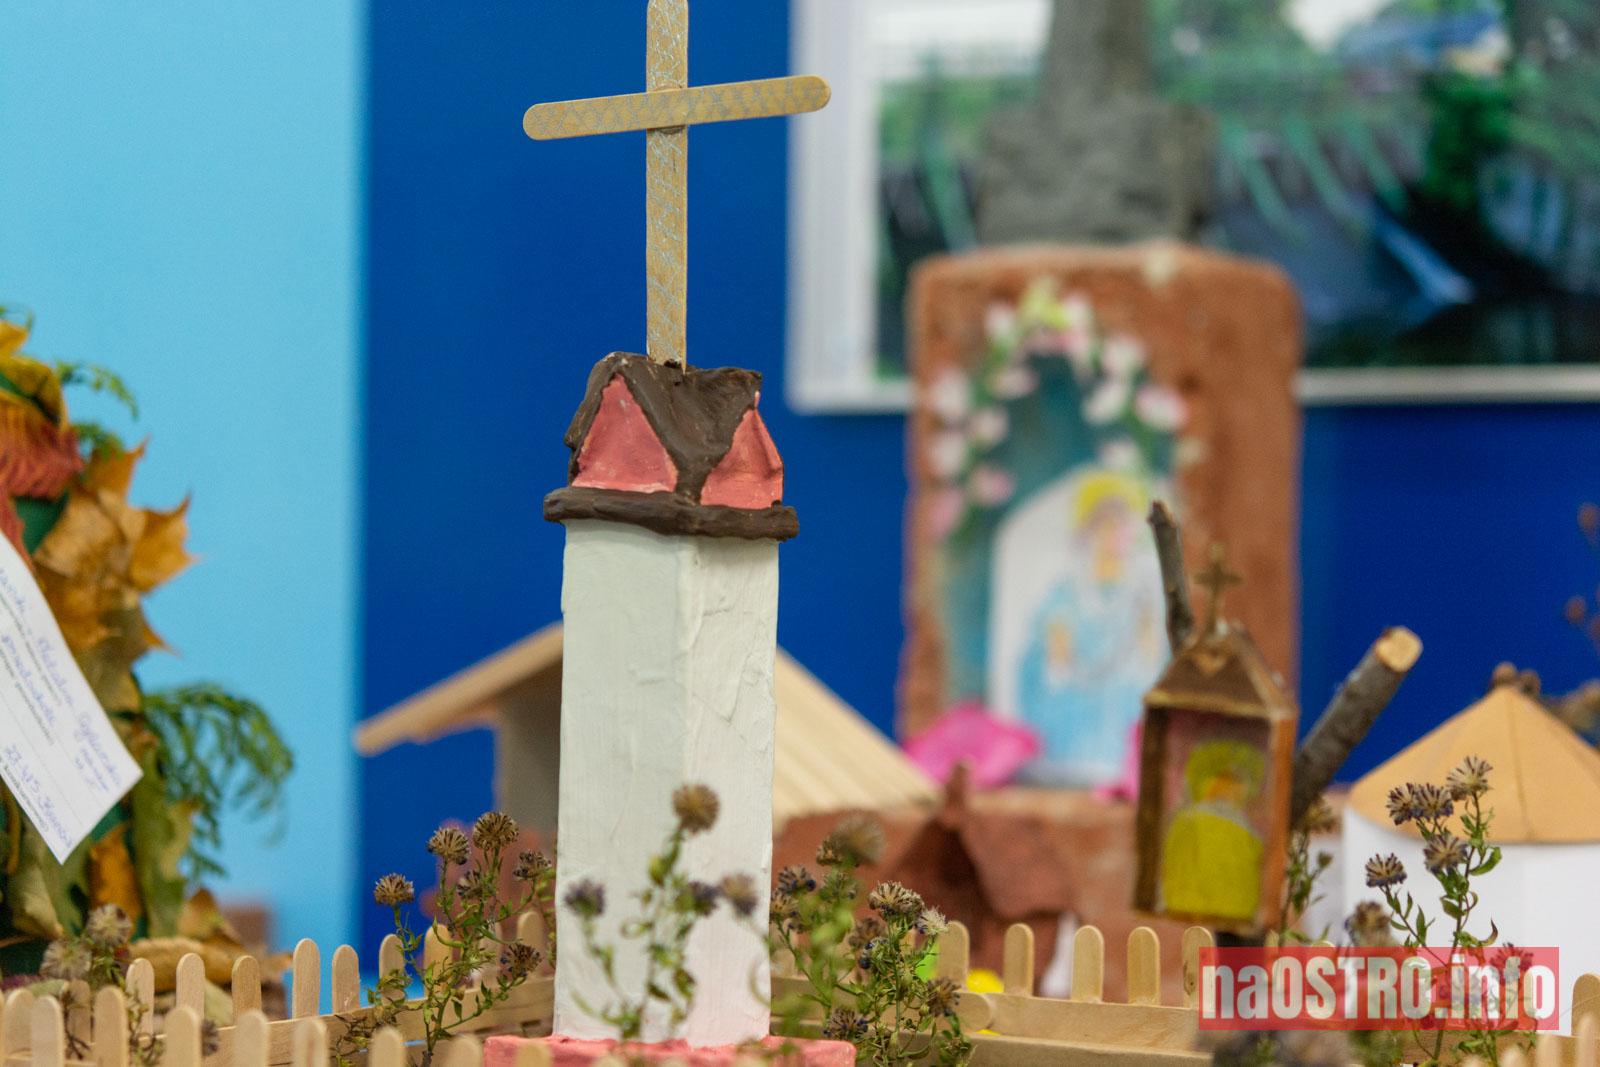 NaOSTROinfo Konkurs Kapliczki Doły Biskupie-44